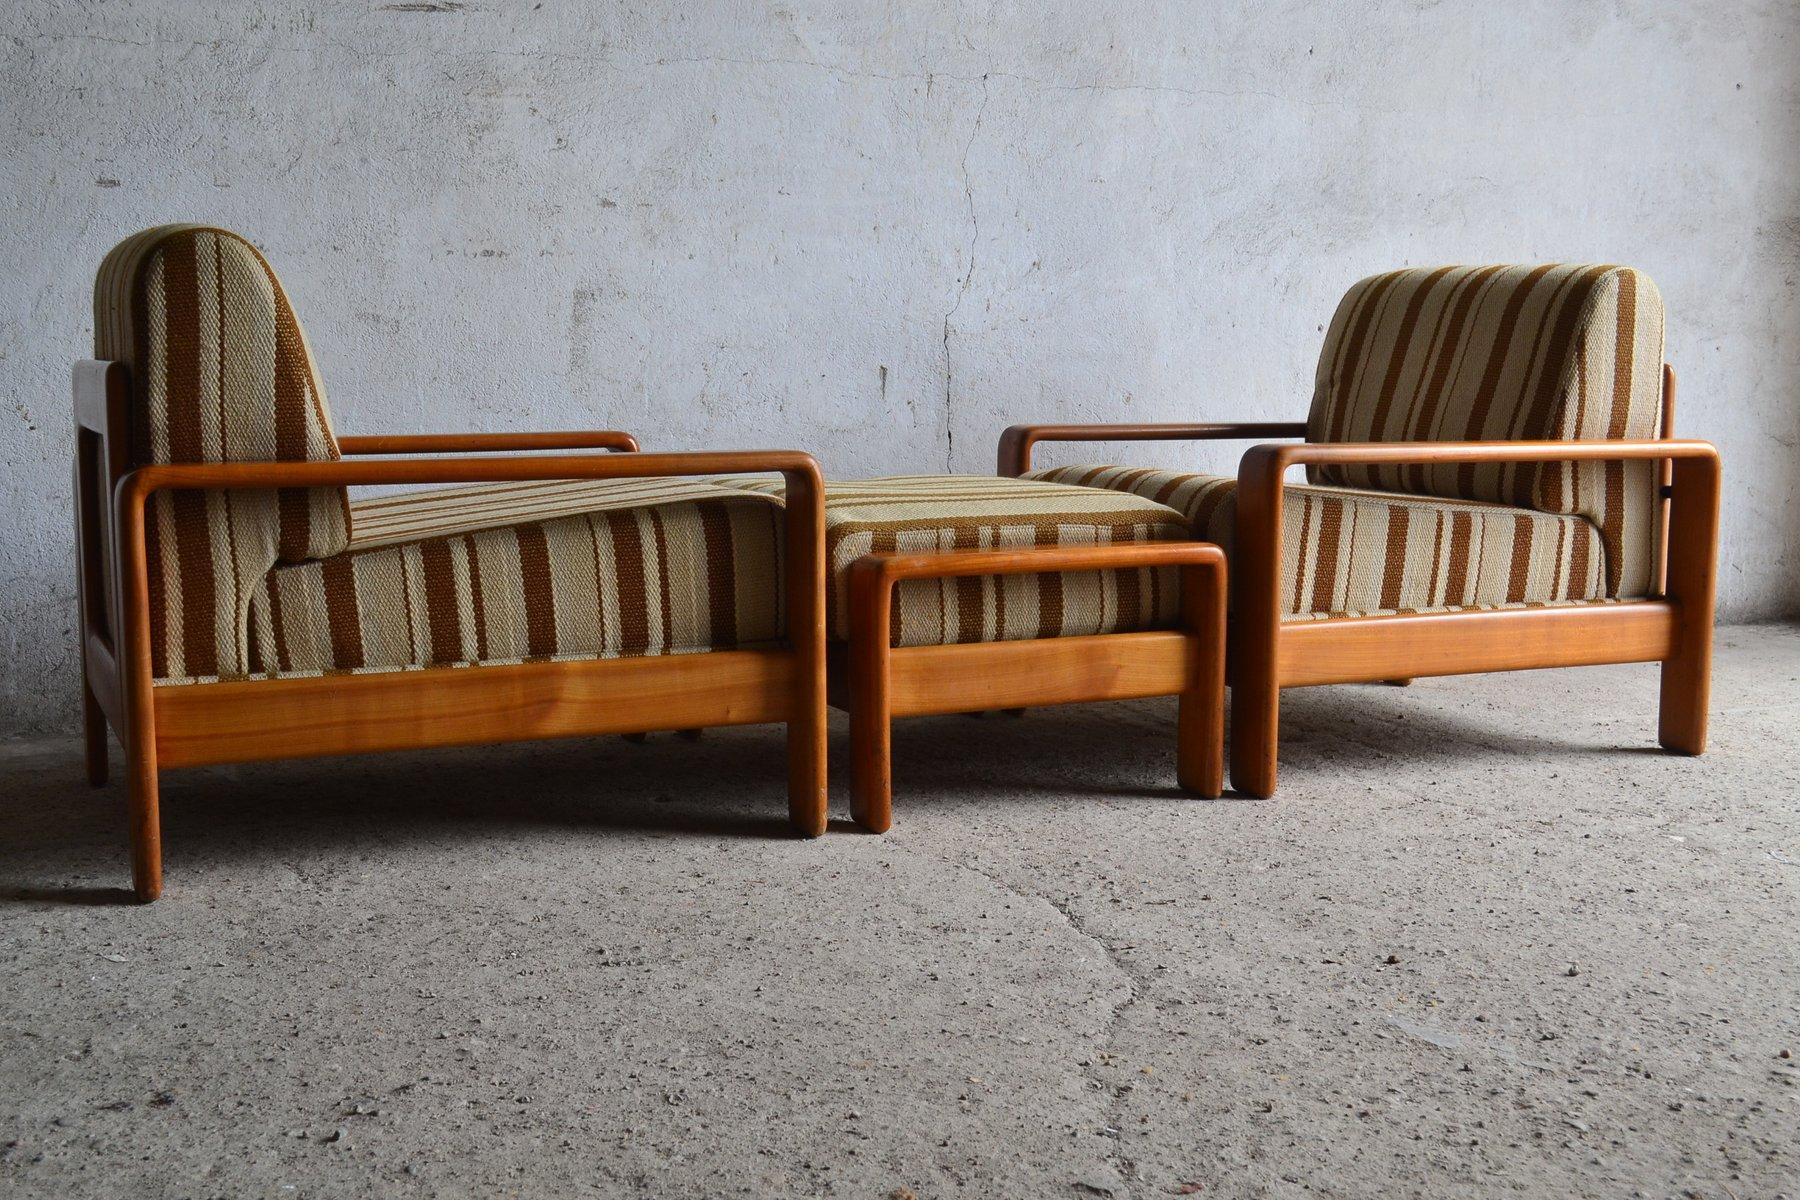 d nische teak sessel mit hocker 1970er bei pamono kaufen. Black Bedroom Furniture Sets. Home Design Ideas